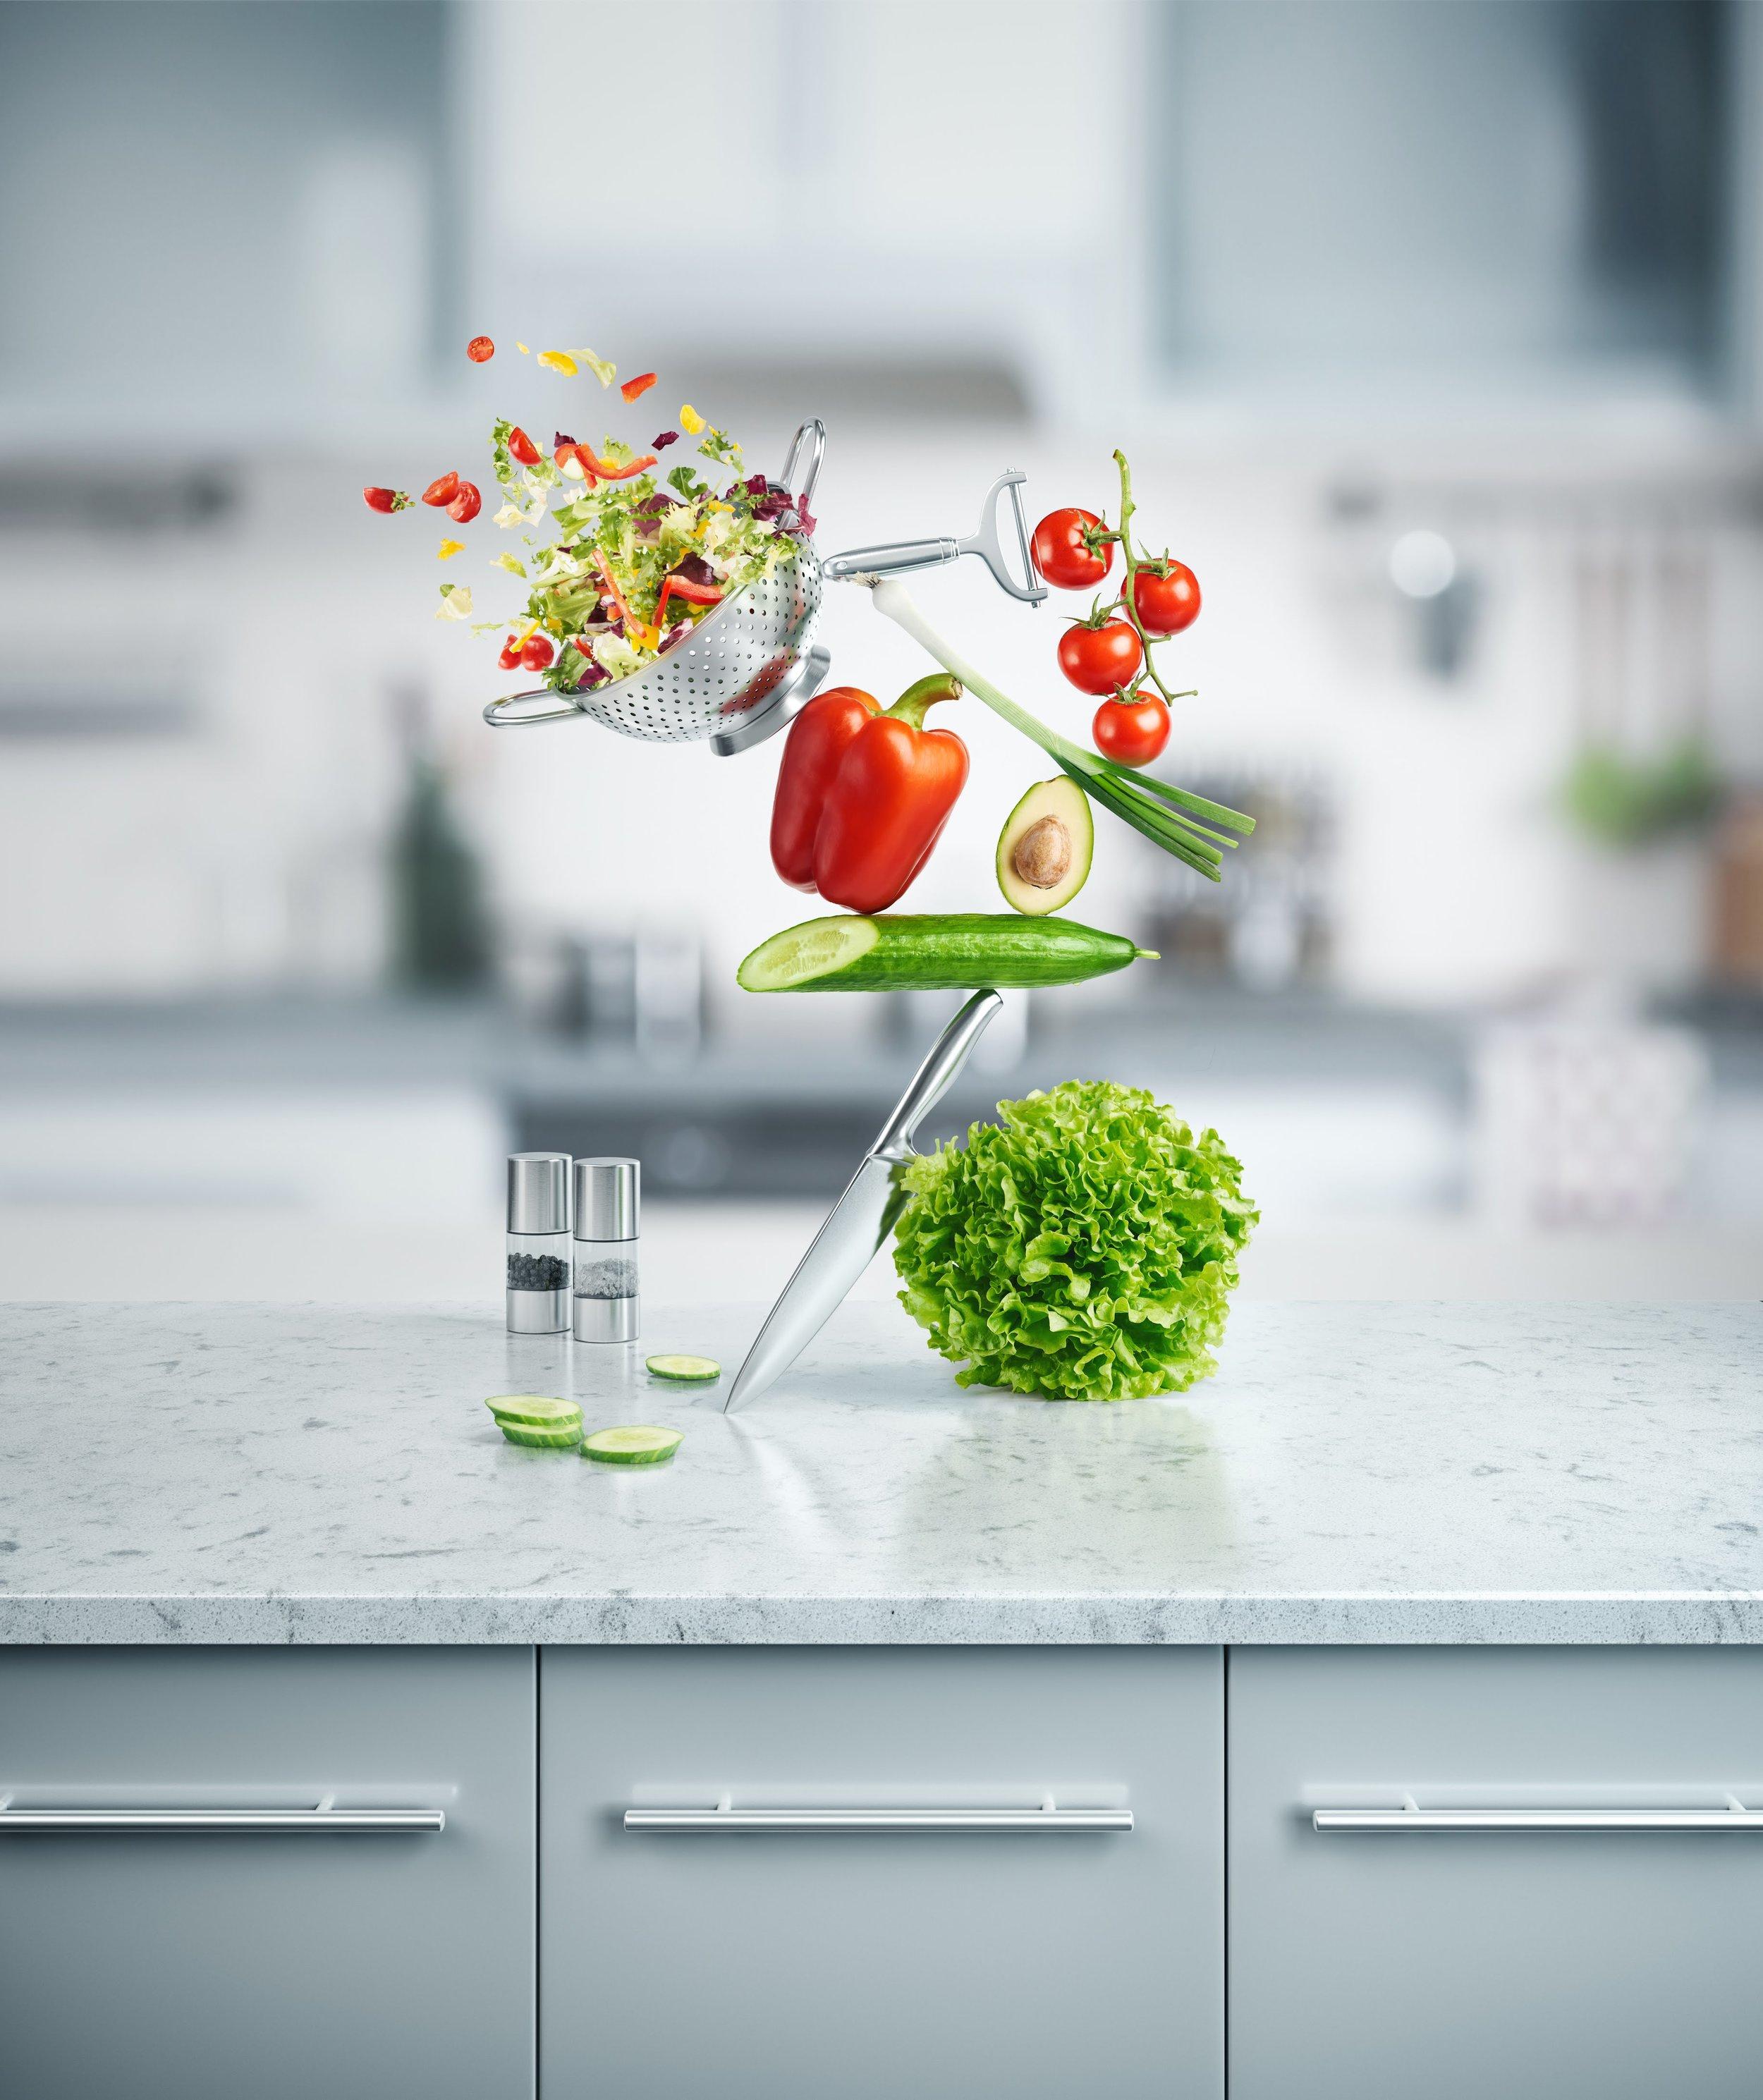 BetterLife_SaladTossing.jpg